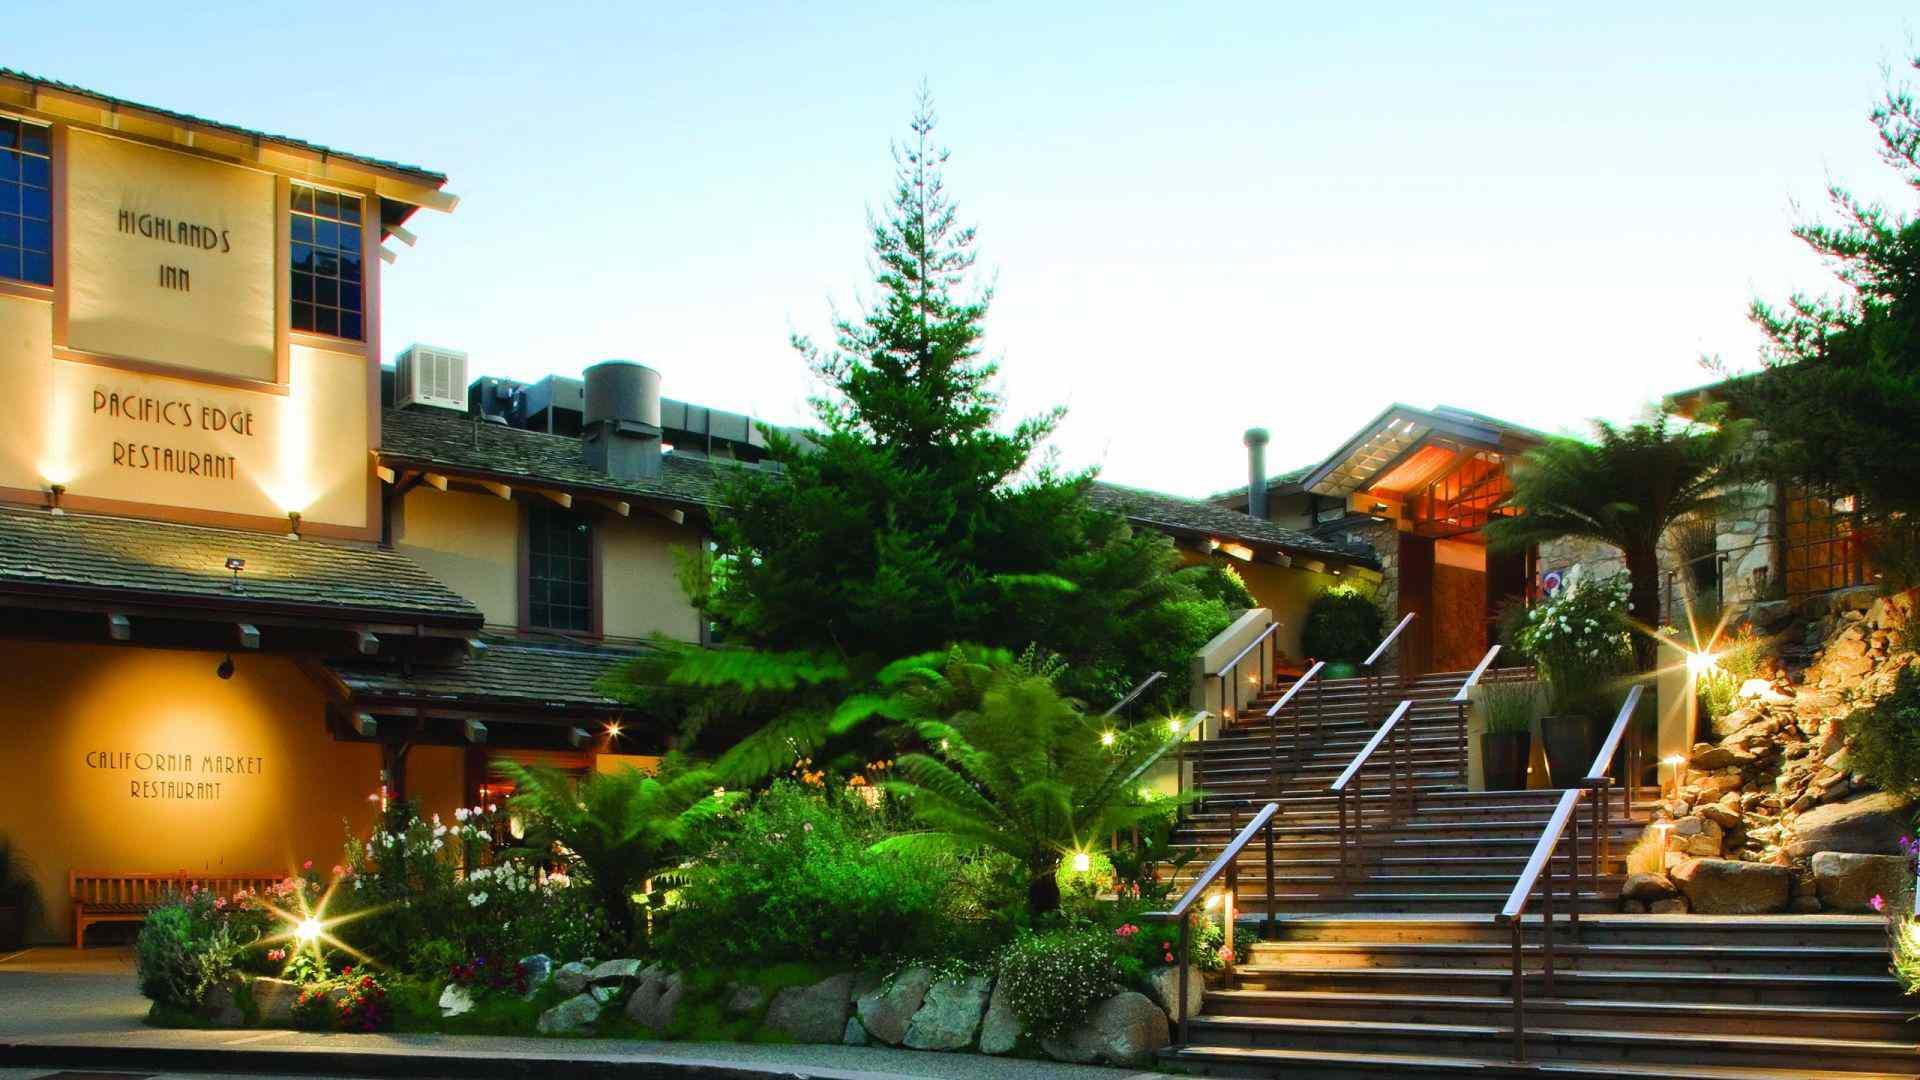 Highland's Inn Carmel